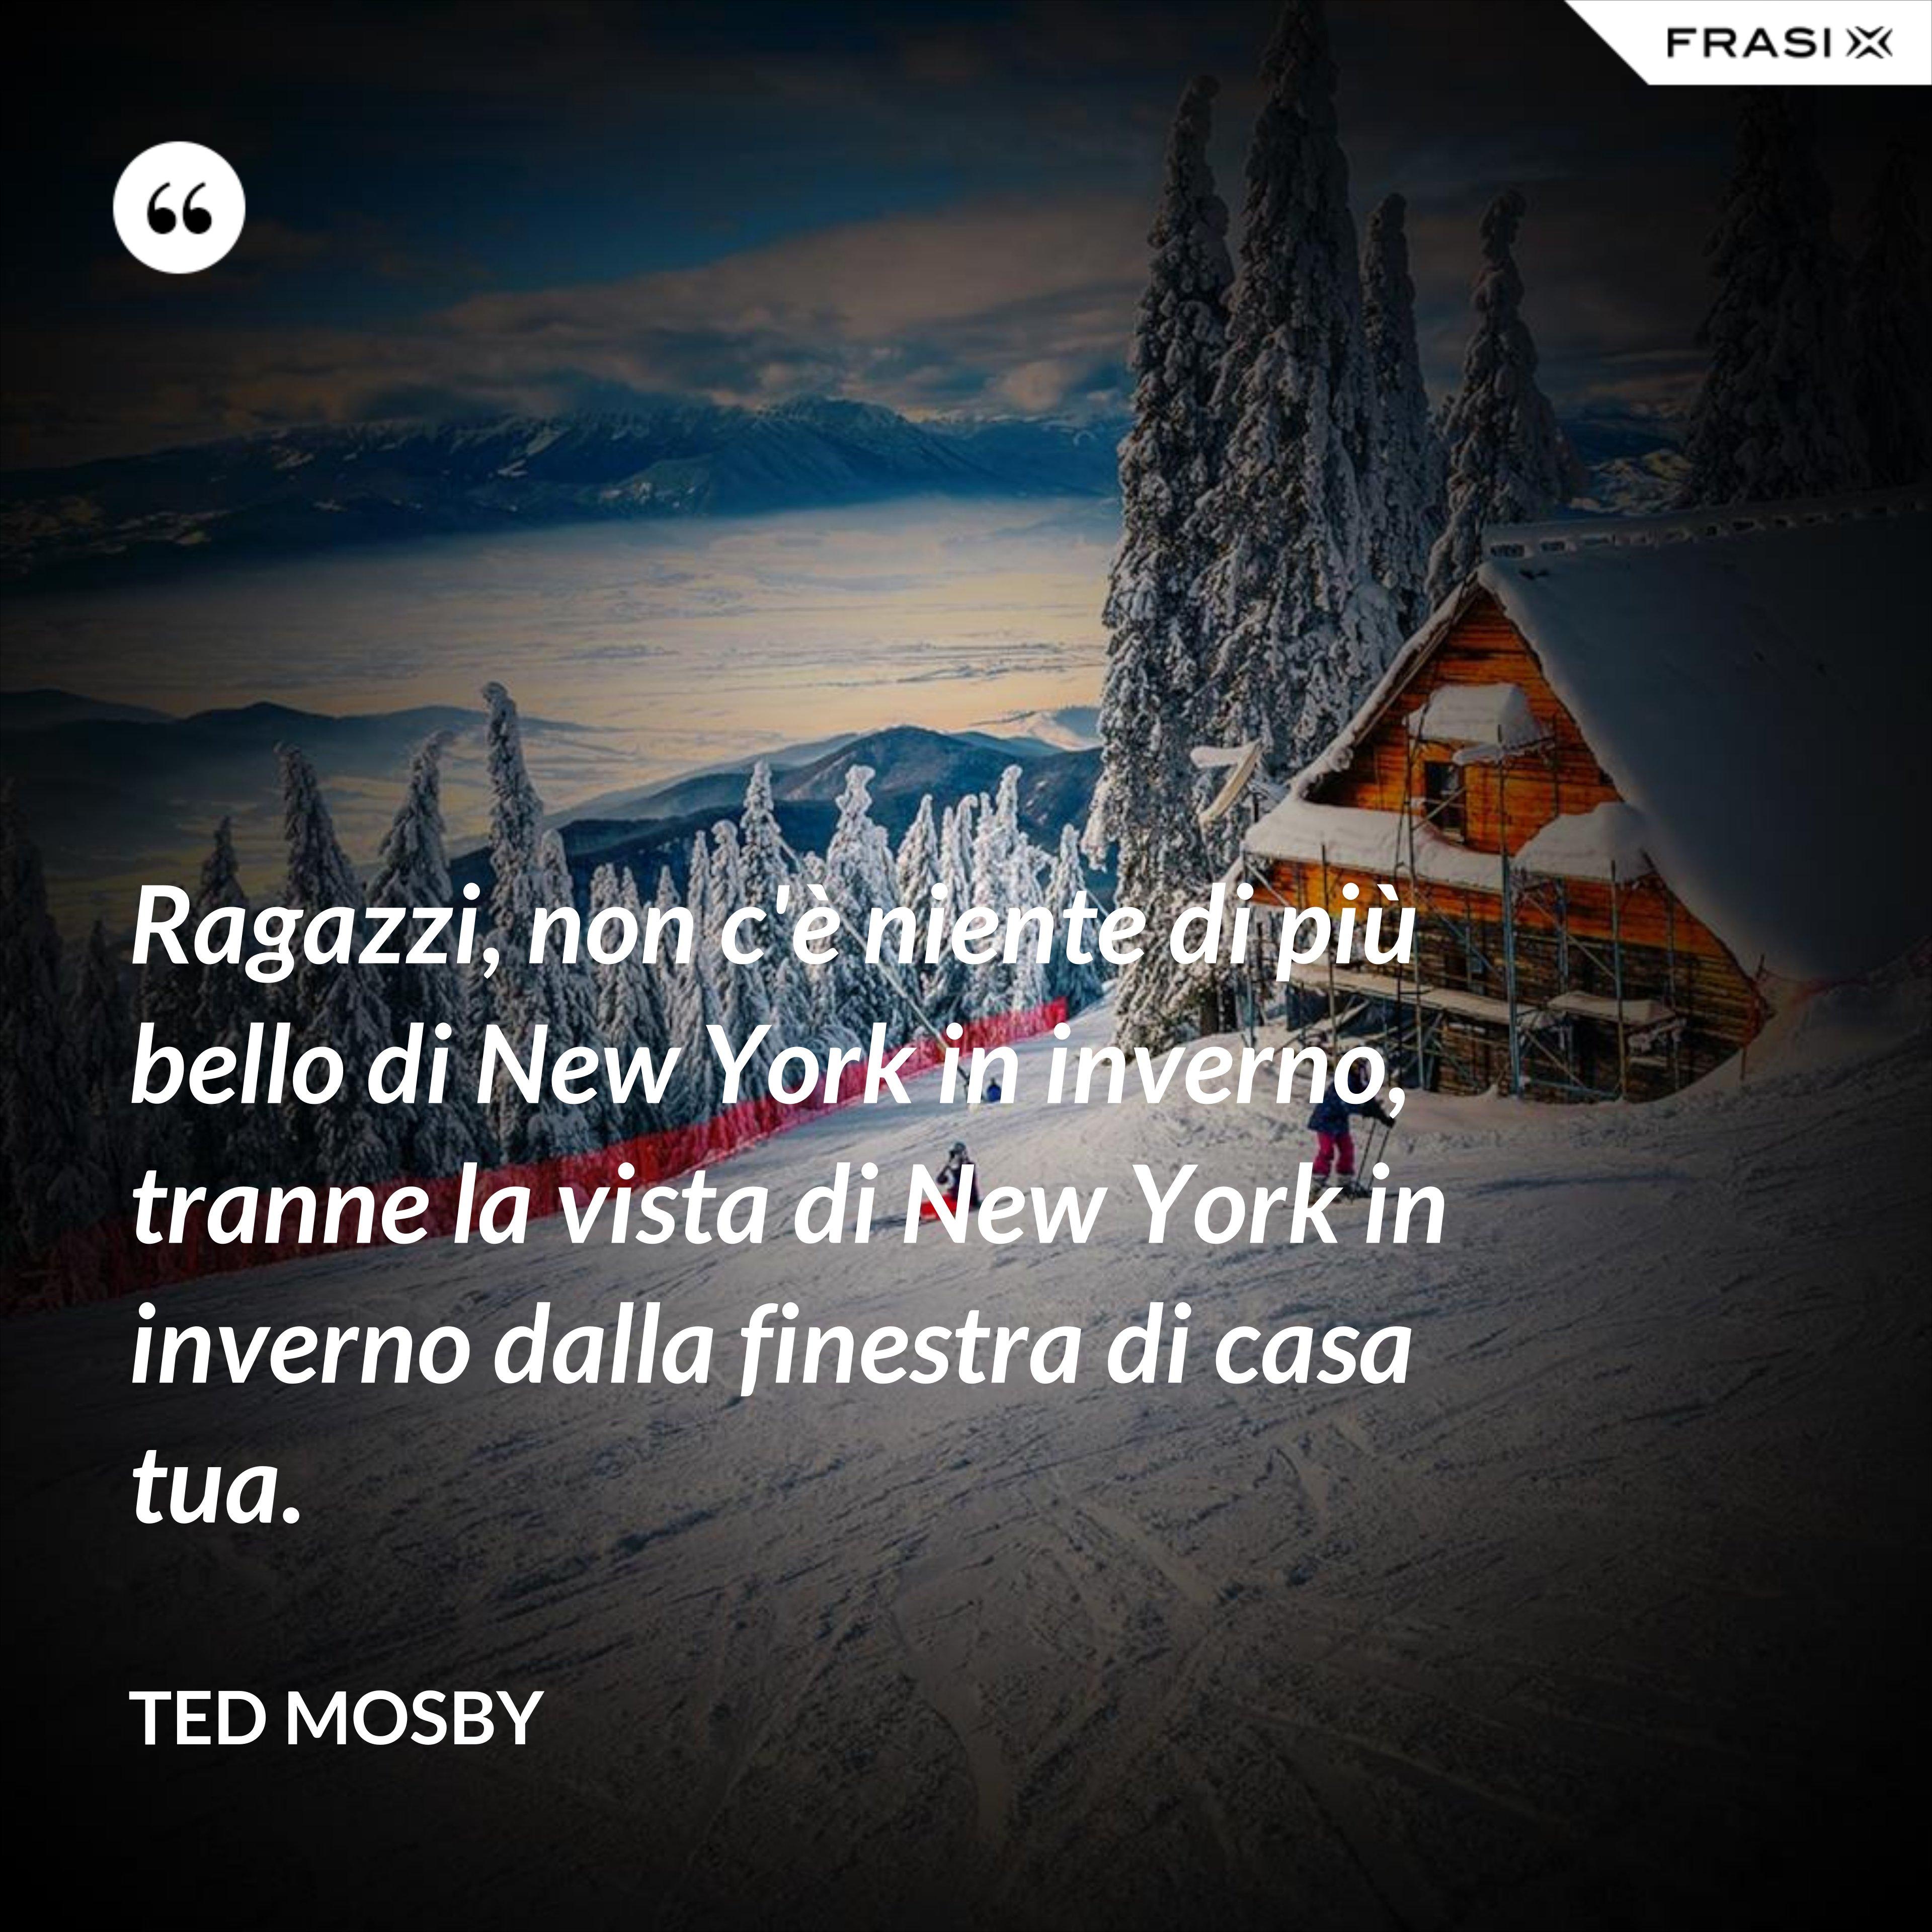 Ragazzi, non c'è niente di più bello di New York in inverno, tranne la vista di New York in inverno dalla finestra di casa tua. - Ted Mosby